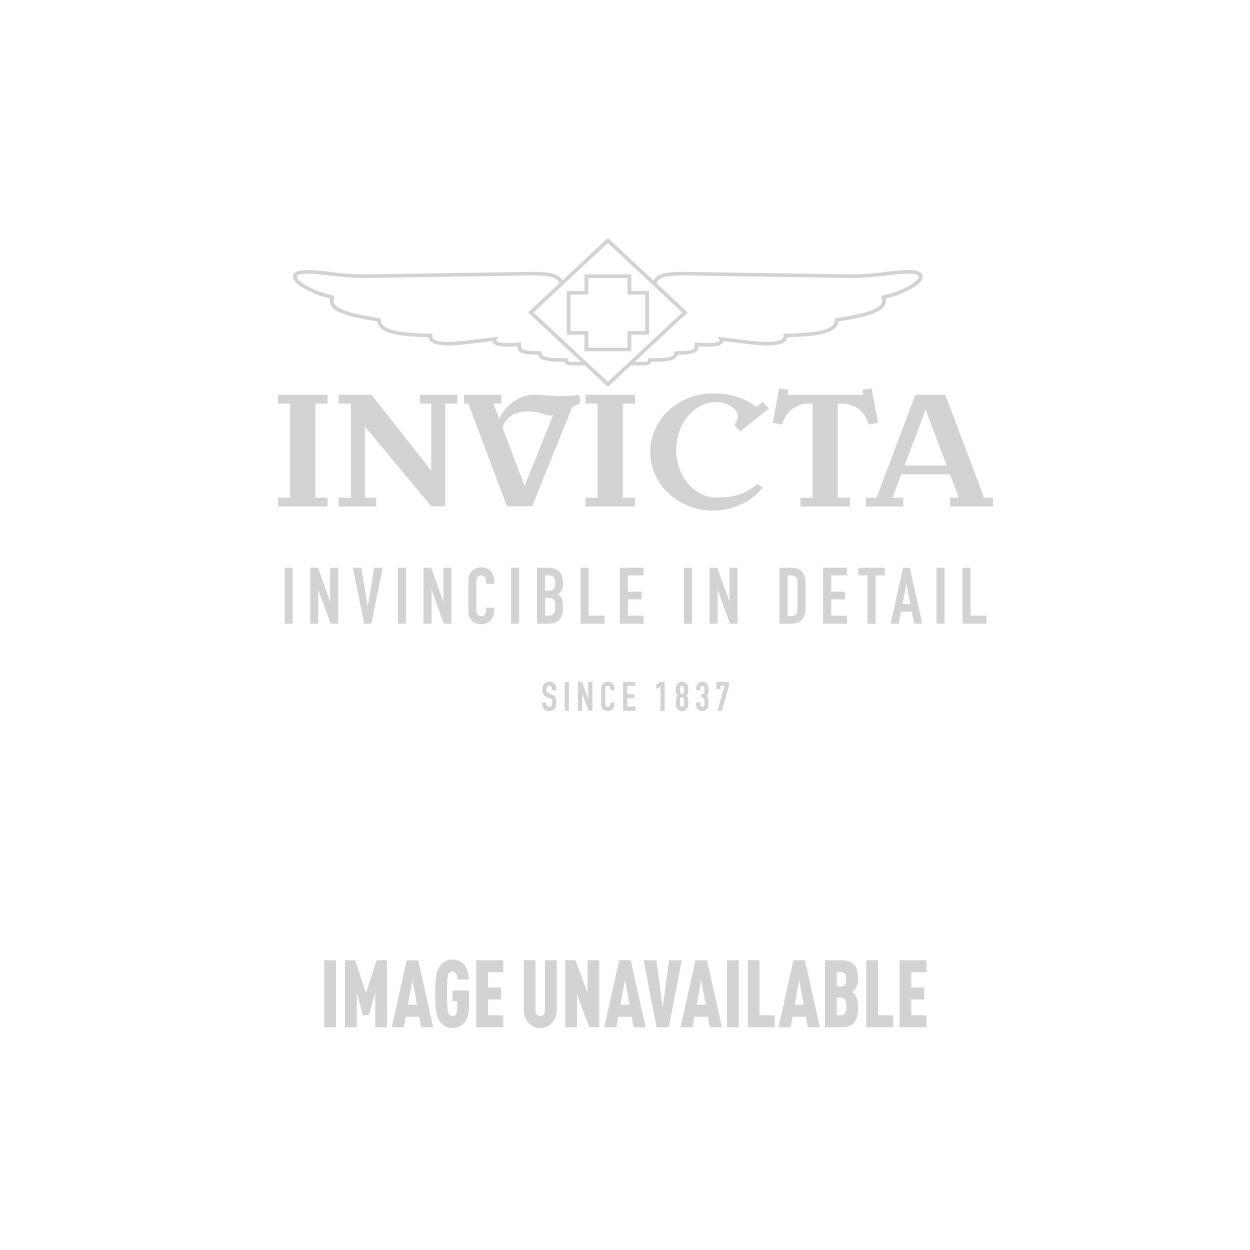 Invicta Model 25069